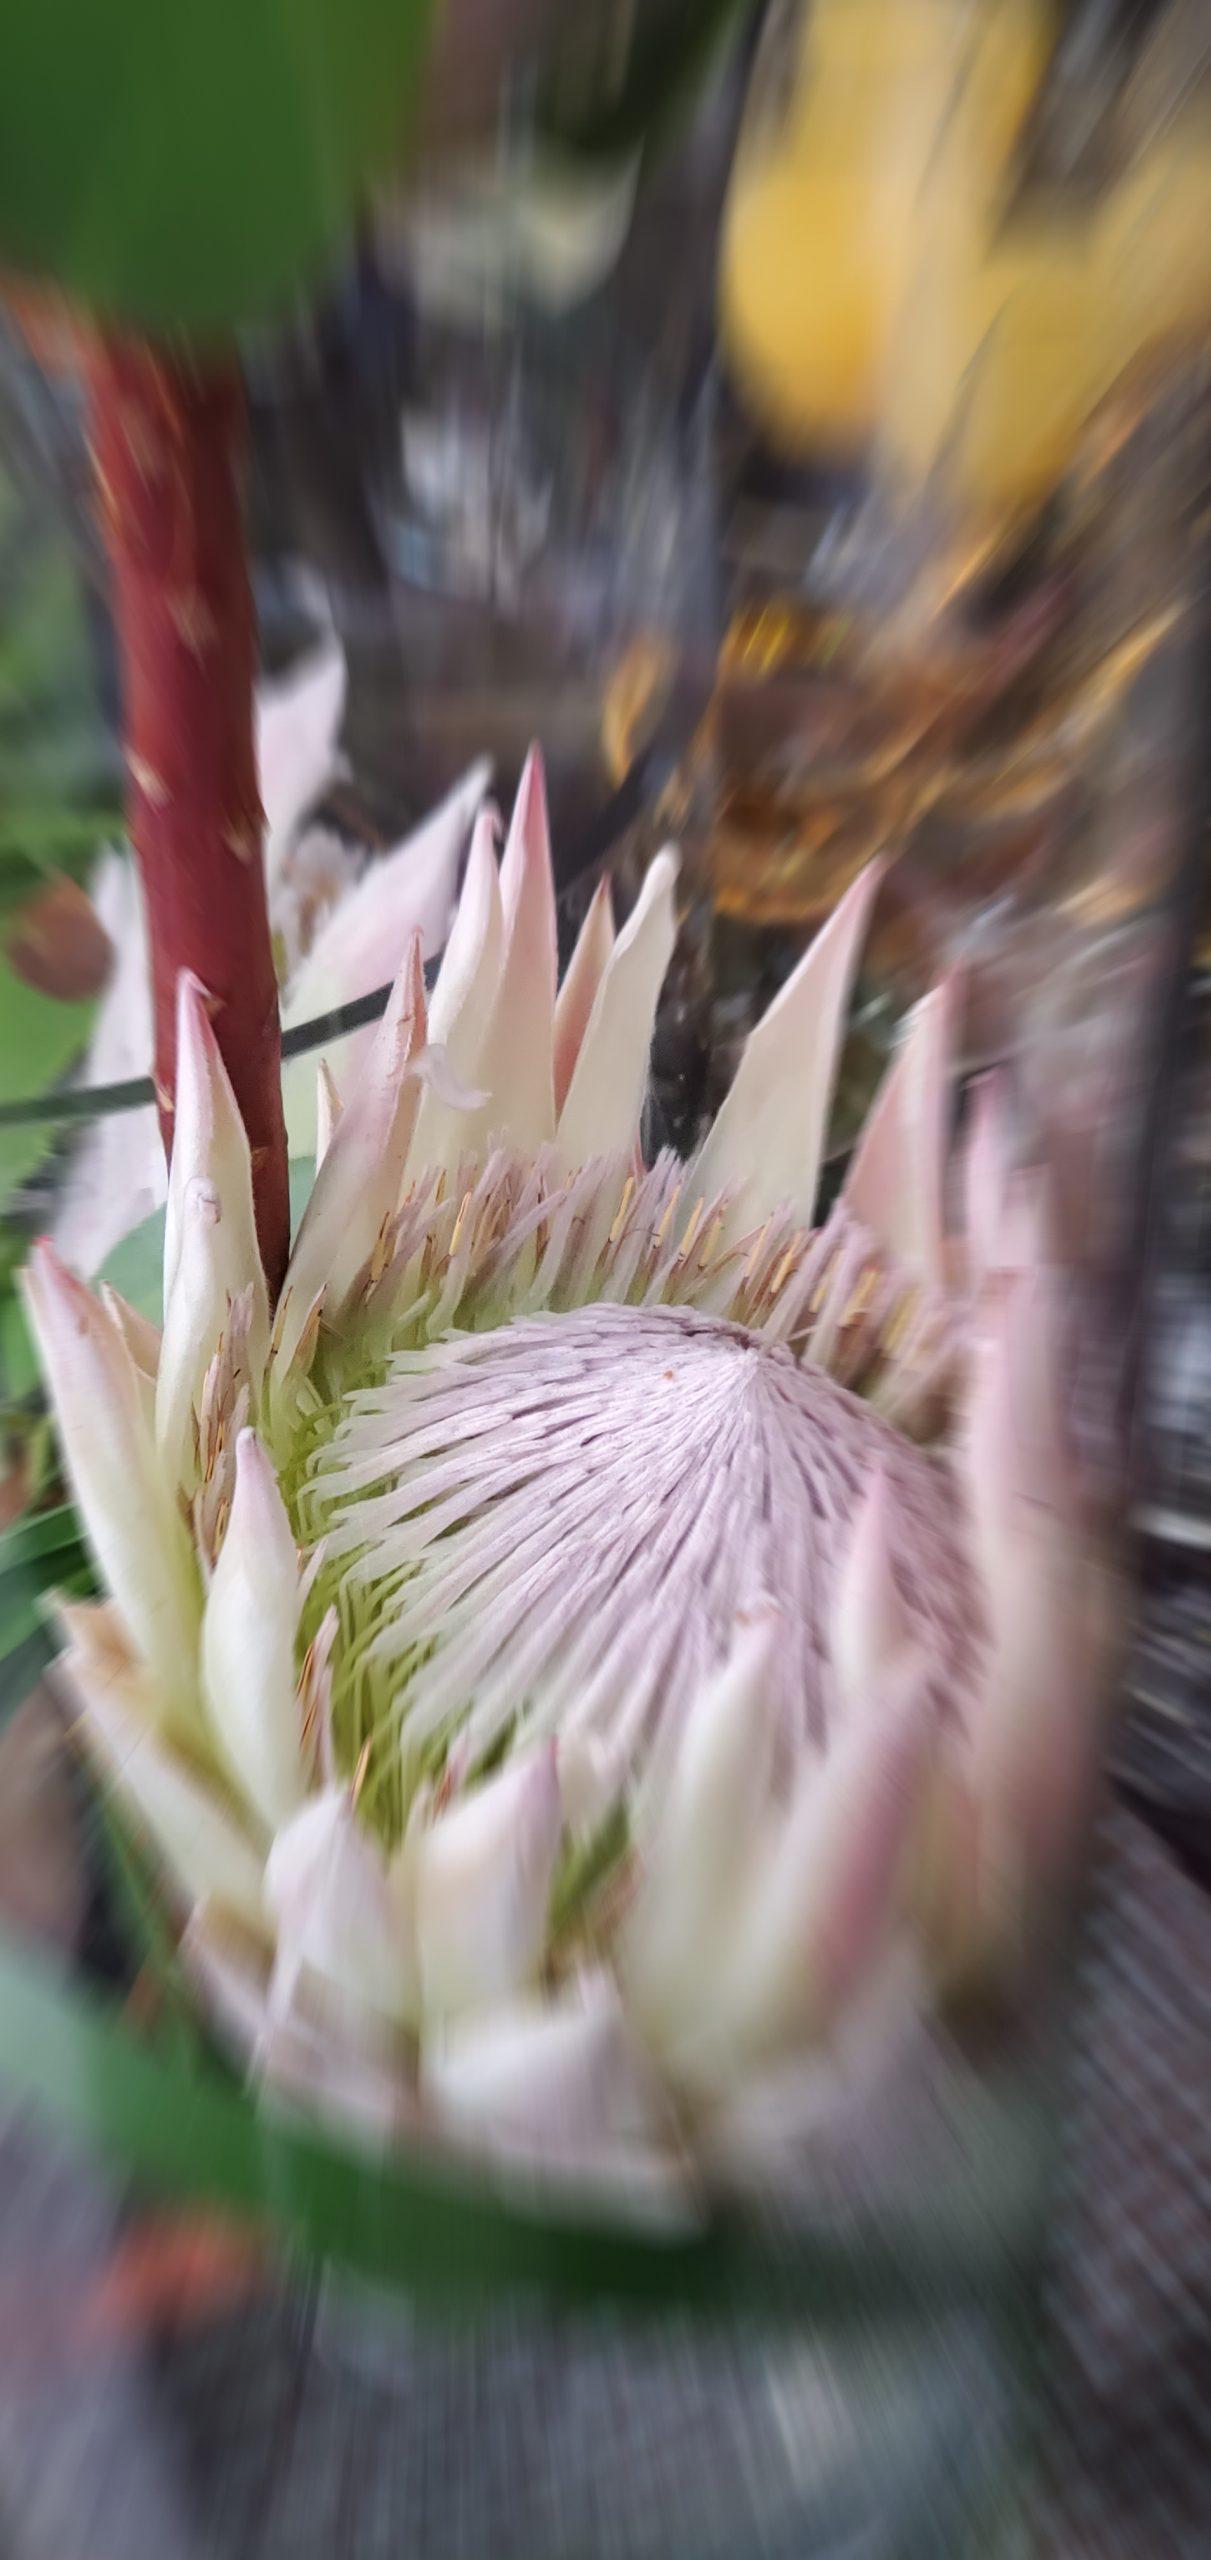 Flowers2 at Simola